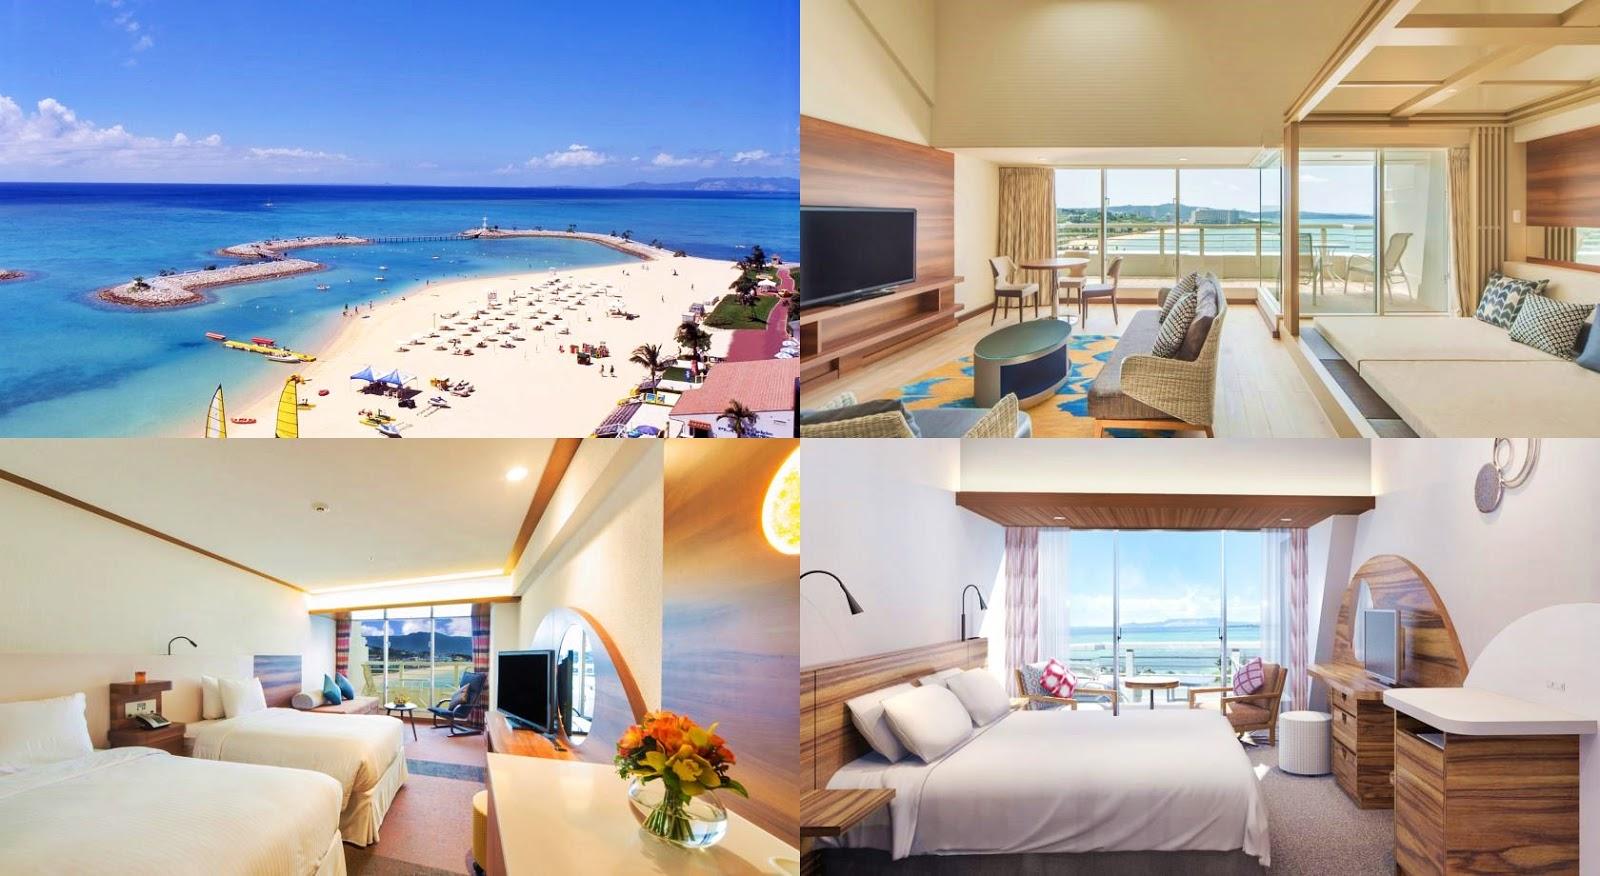 沖繩-沖繩住宿-推薦-沖繩飯店-沖繩旅館-沖繩民宿-沖繩公寓-沖繩酒店住宿-住宿-沖繩必住住宿-沖繩喜來登度假酒店-Sheraton-Okinawa-Sunmarina-Resort-Okinawa-hotel-recommendation